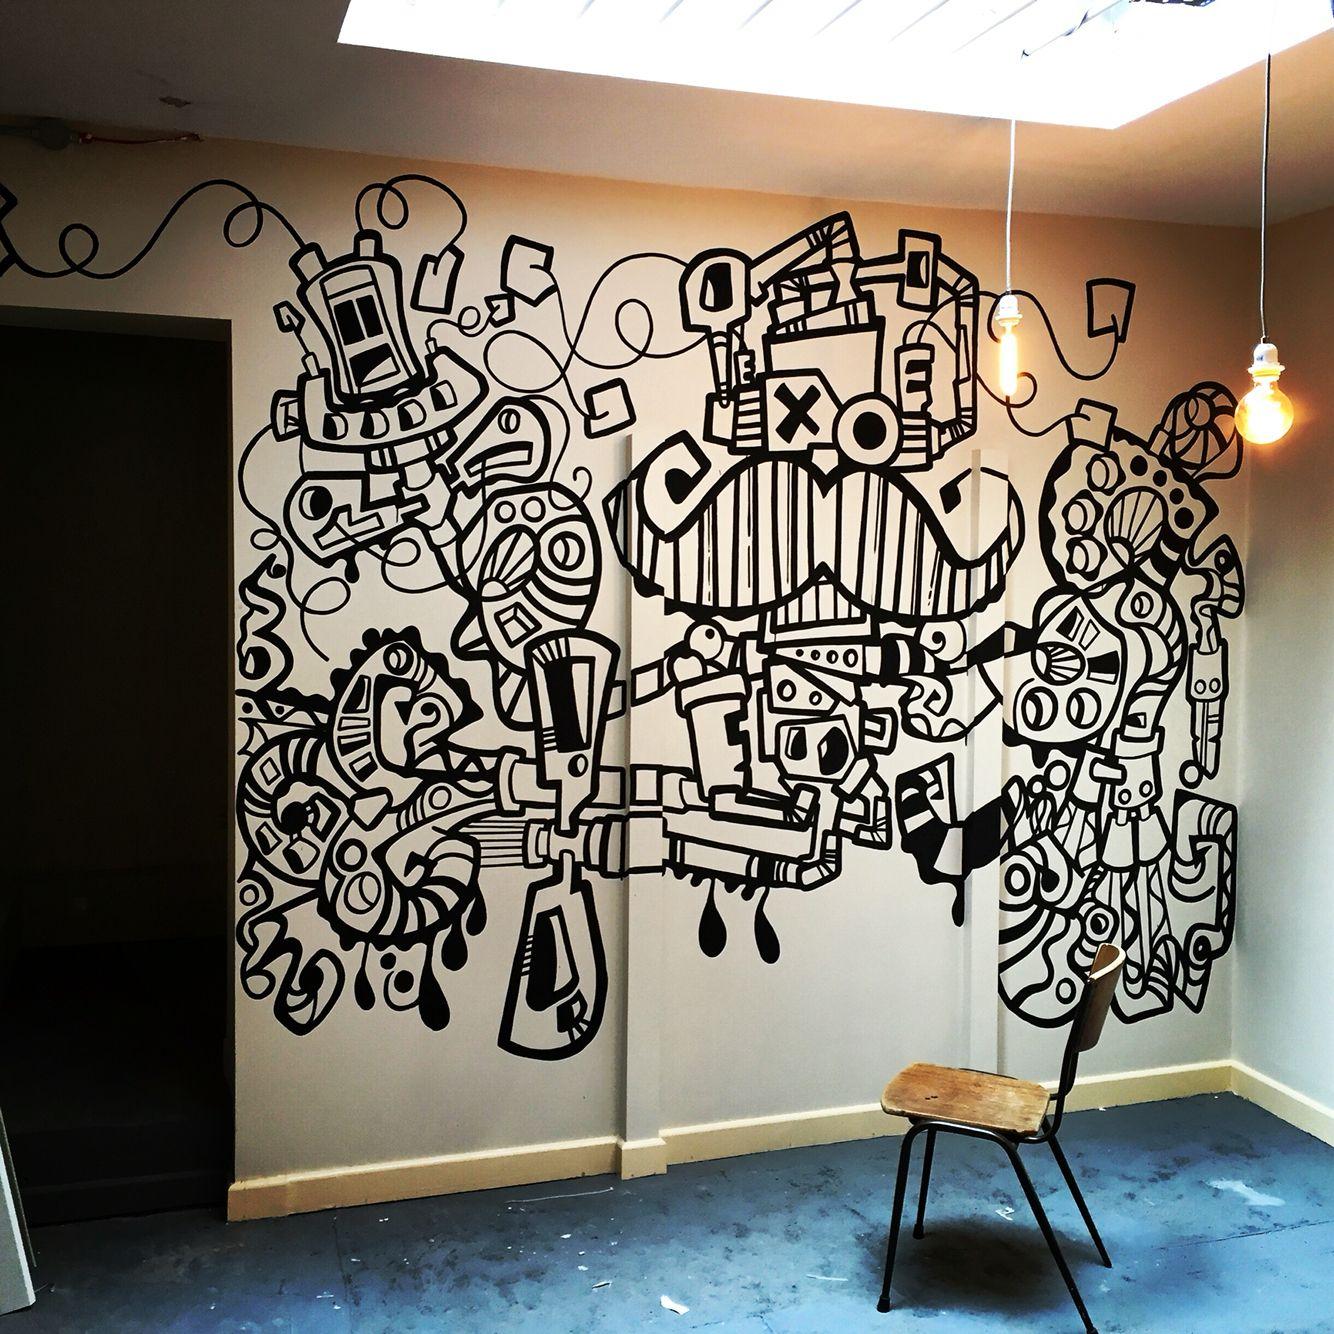 #clunkydoodles #doodles #mural #art #streetart #graffiti # ...